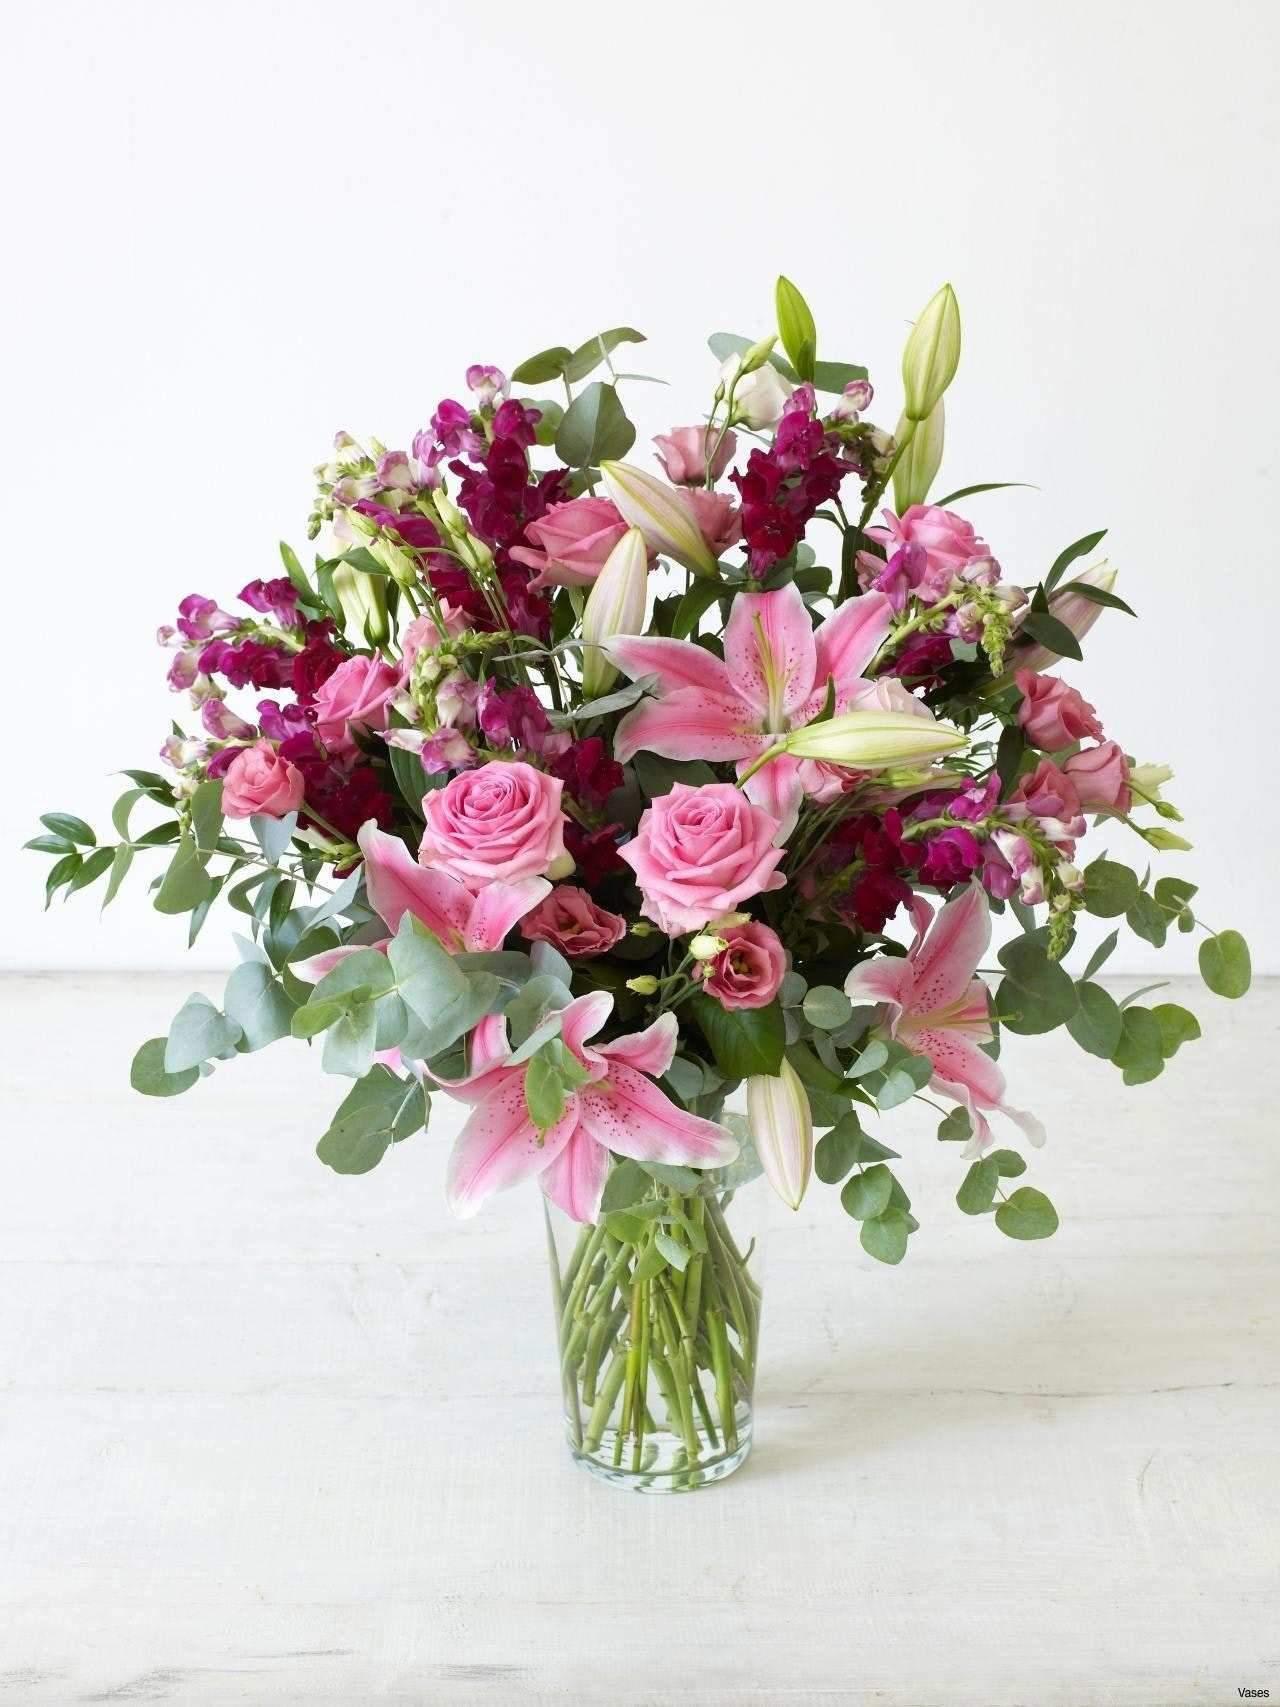 garten idee frisch 25 trendy baby shower vases of garten idee